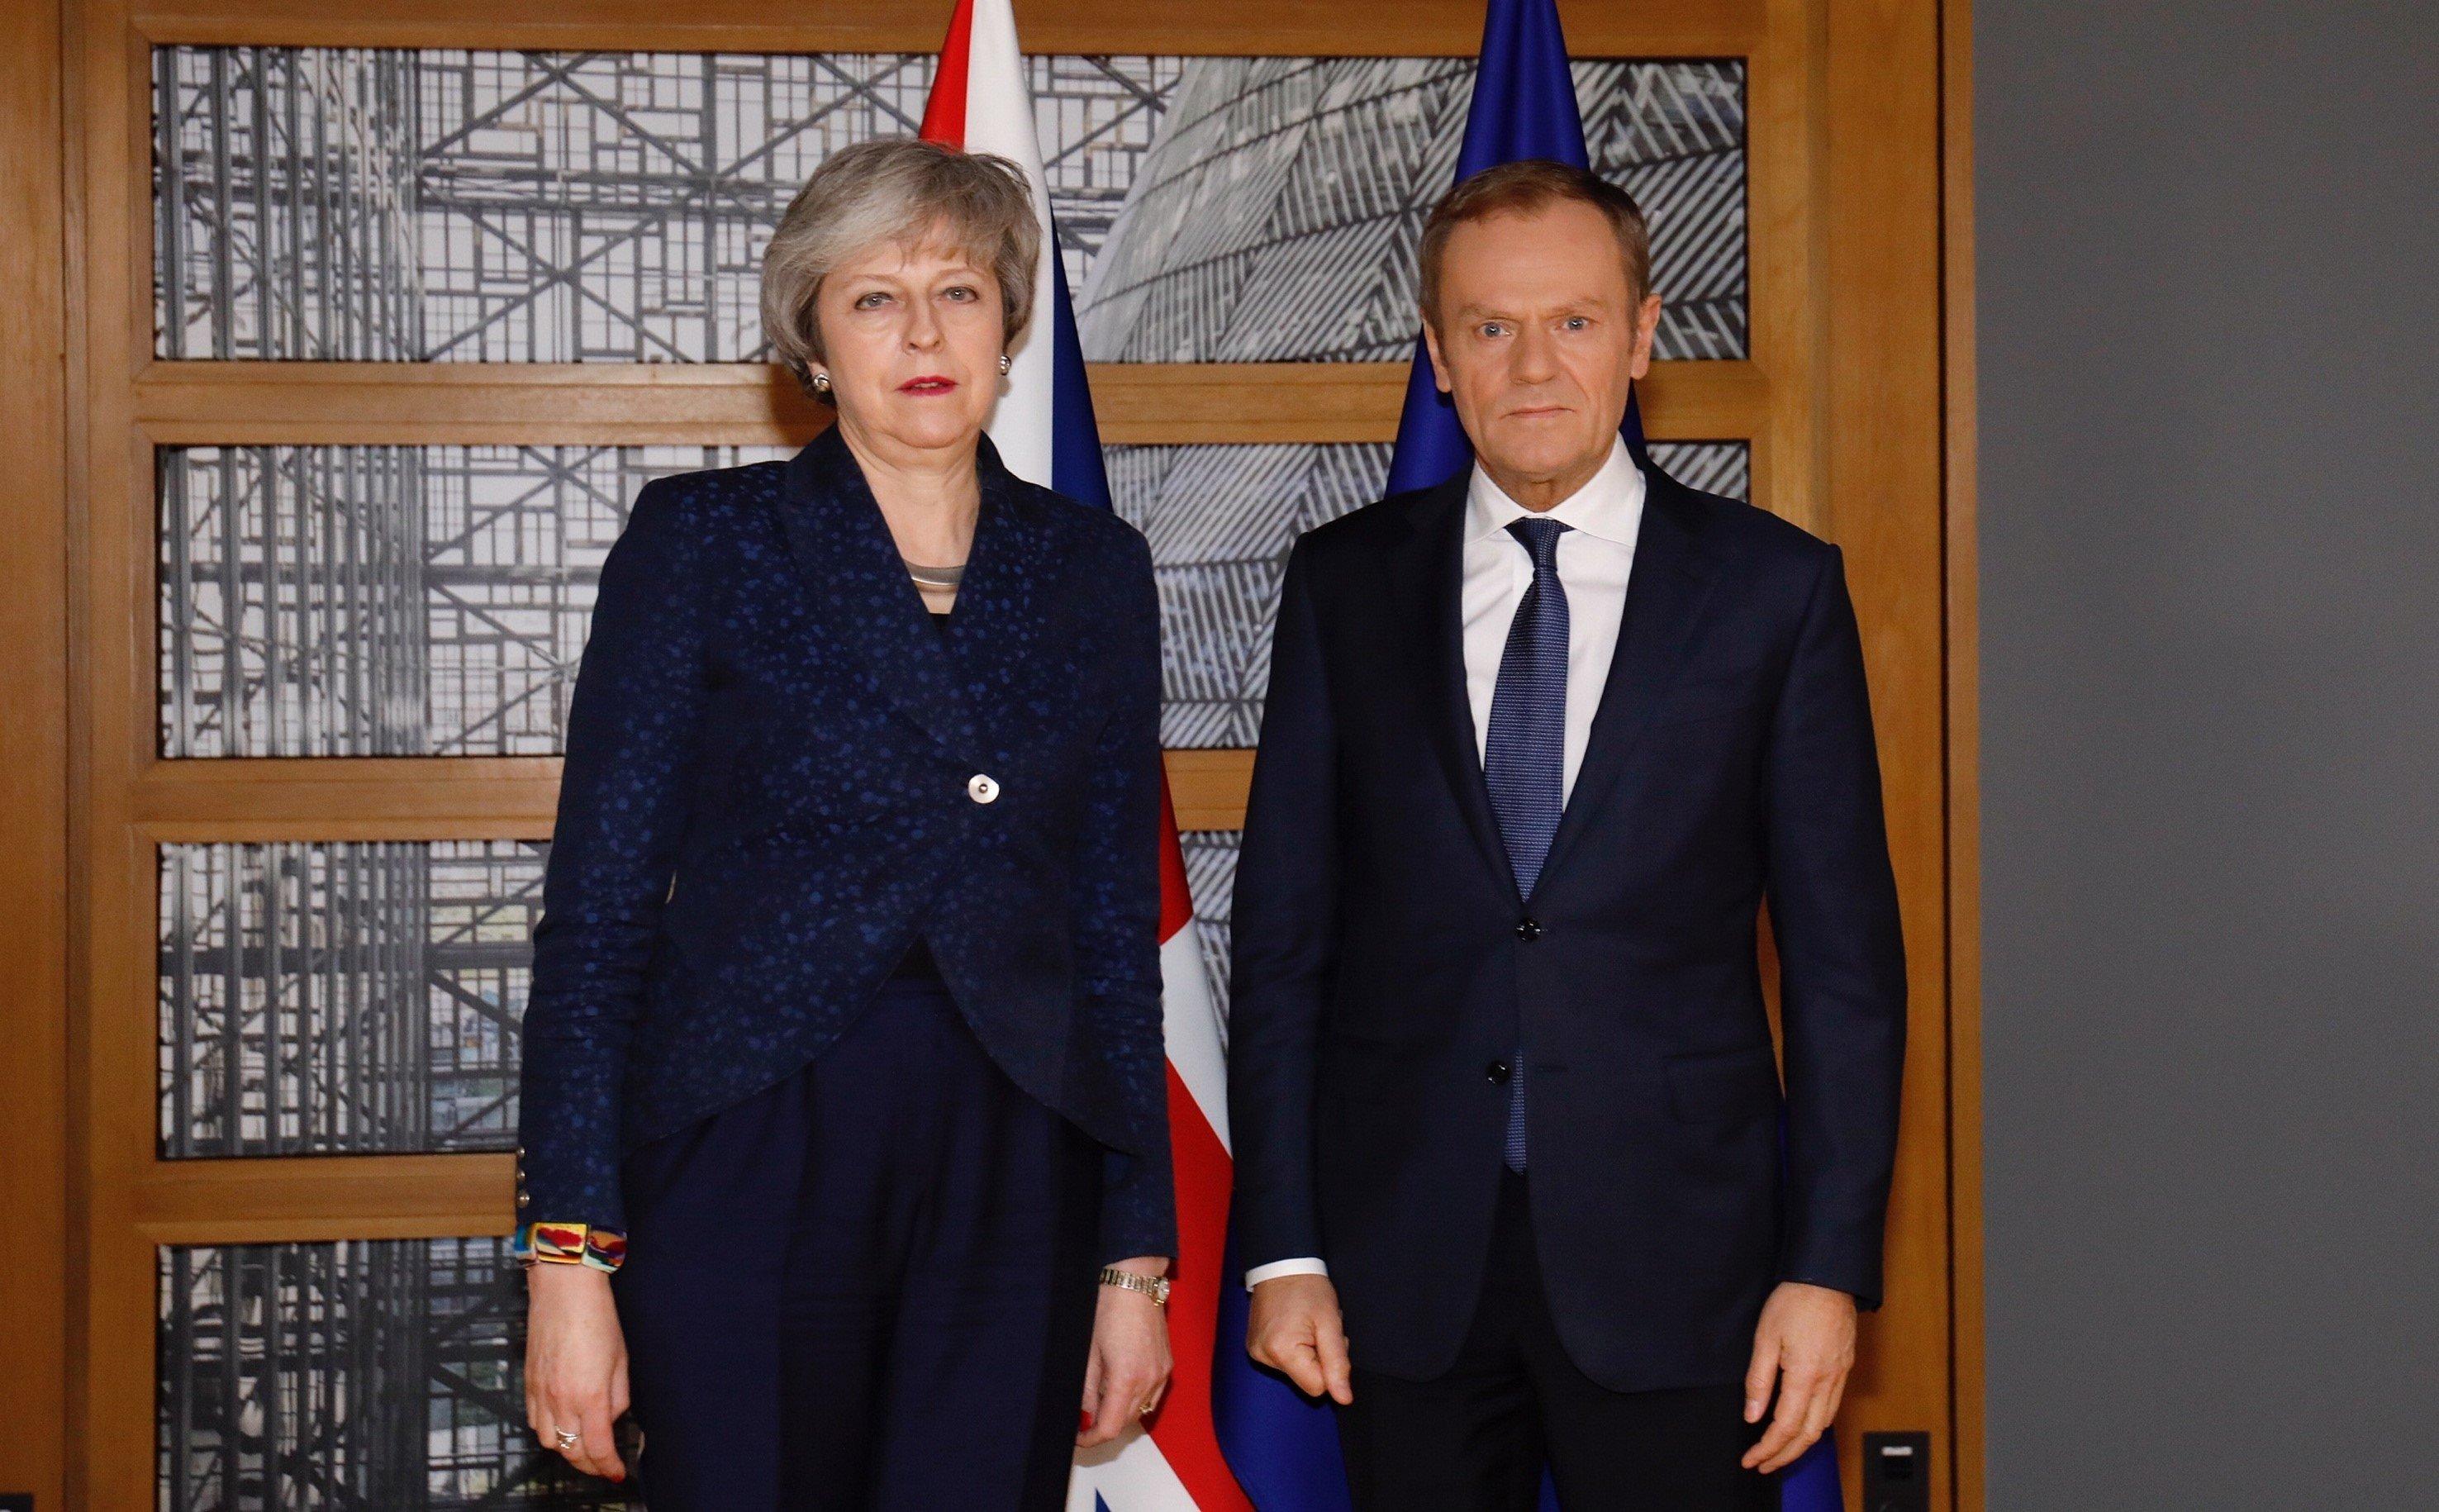 테레사 메이 영국 총리와 도날드 투스크 유럽연합 상임의장이 벨기에 브뤼셀에서 회담을 앞두고 기념촬영을 하고 있다. 2019년